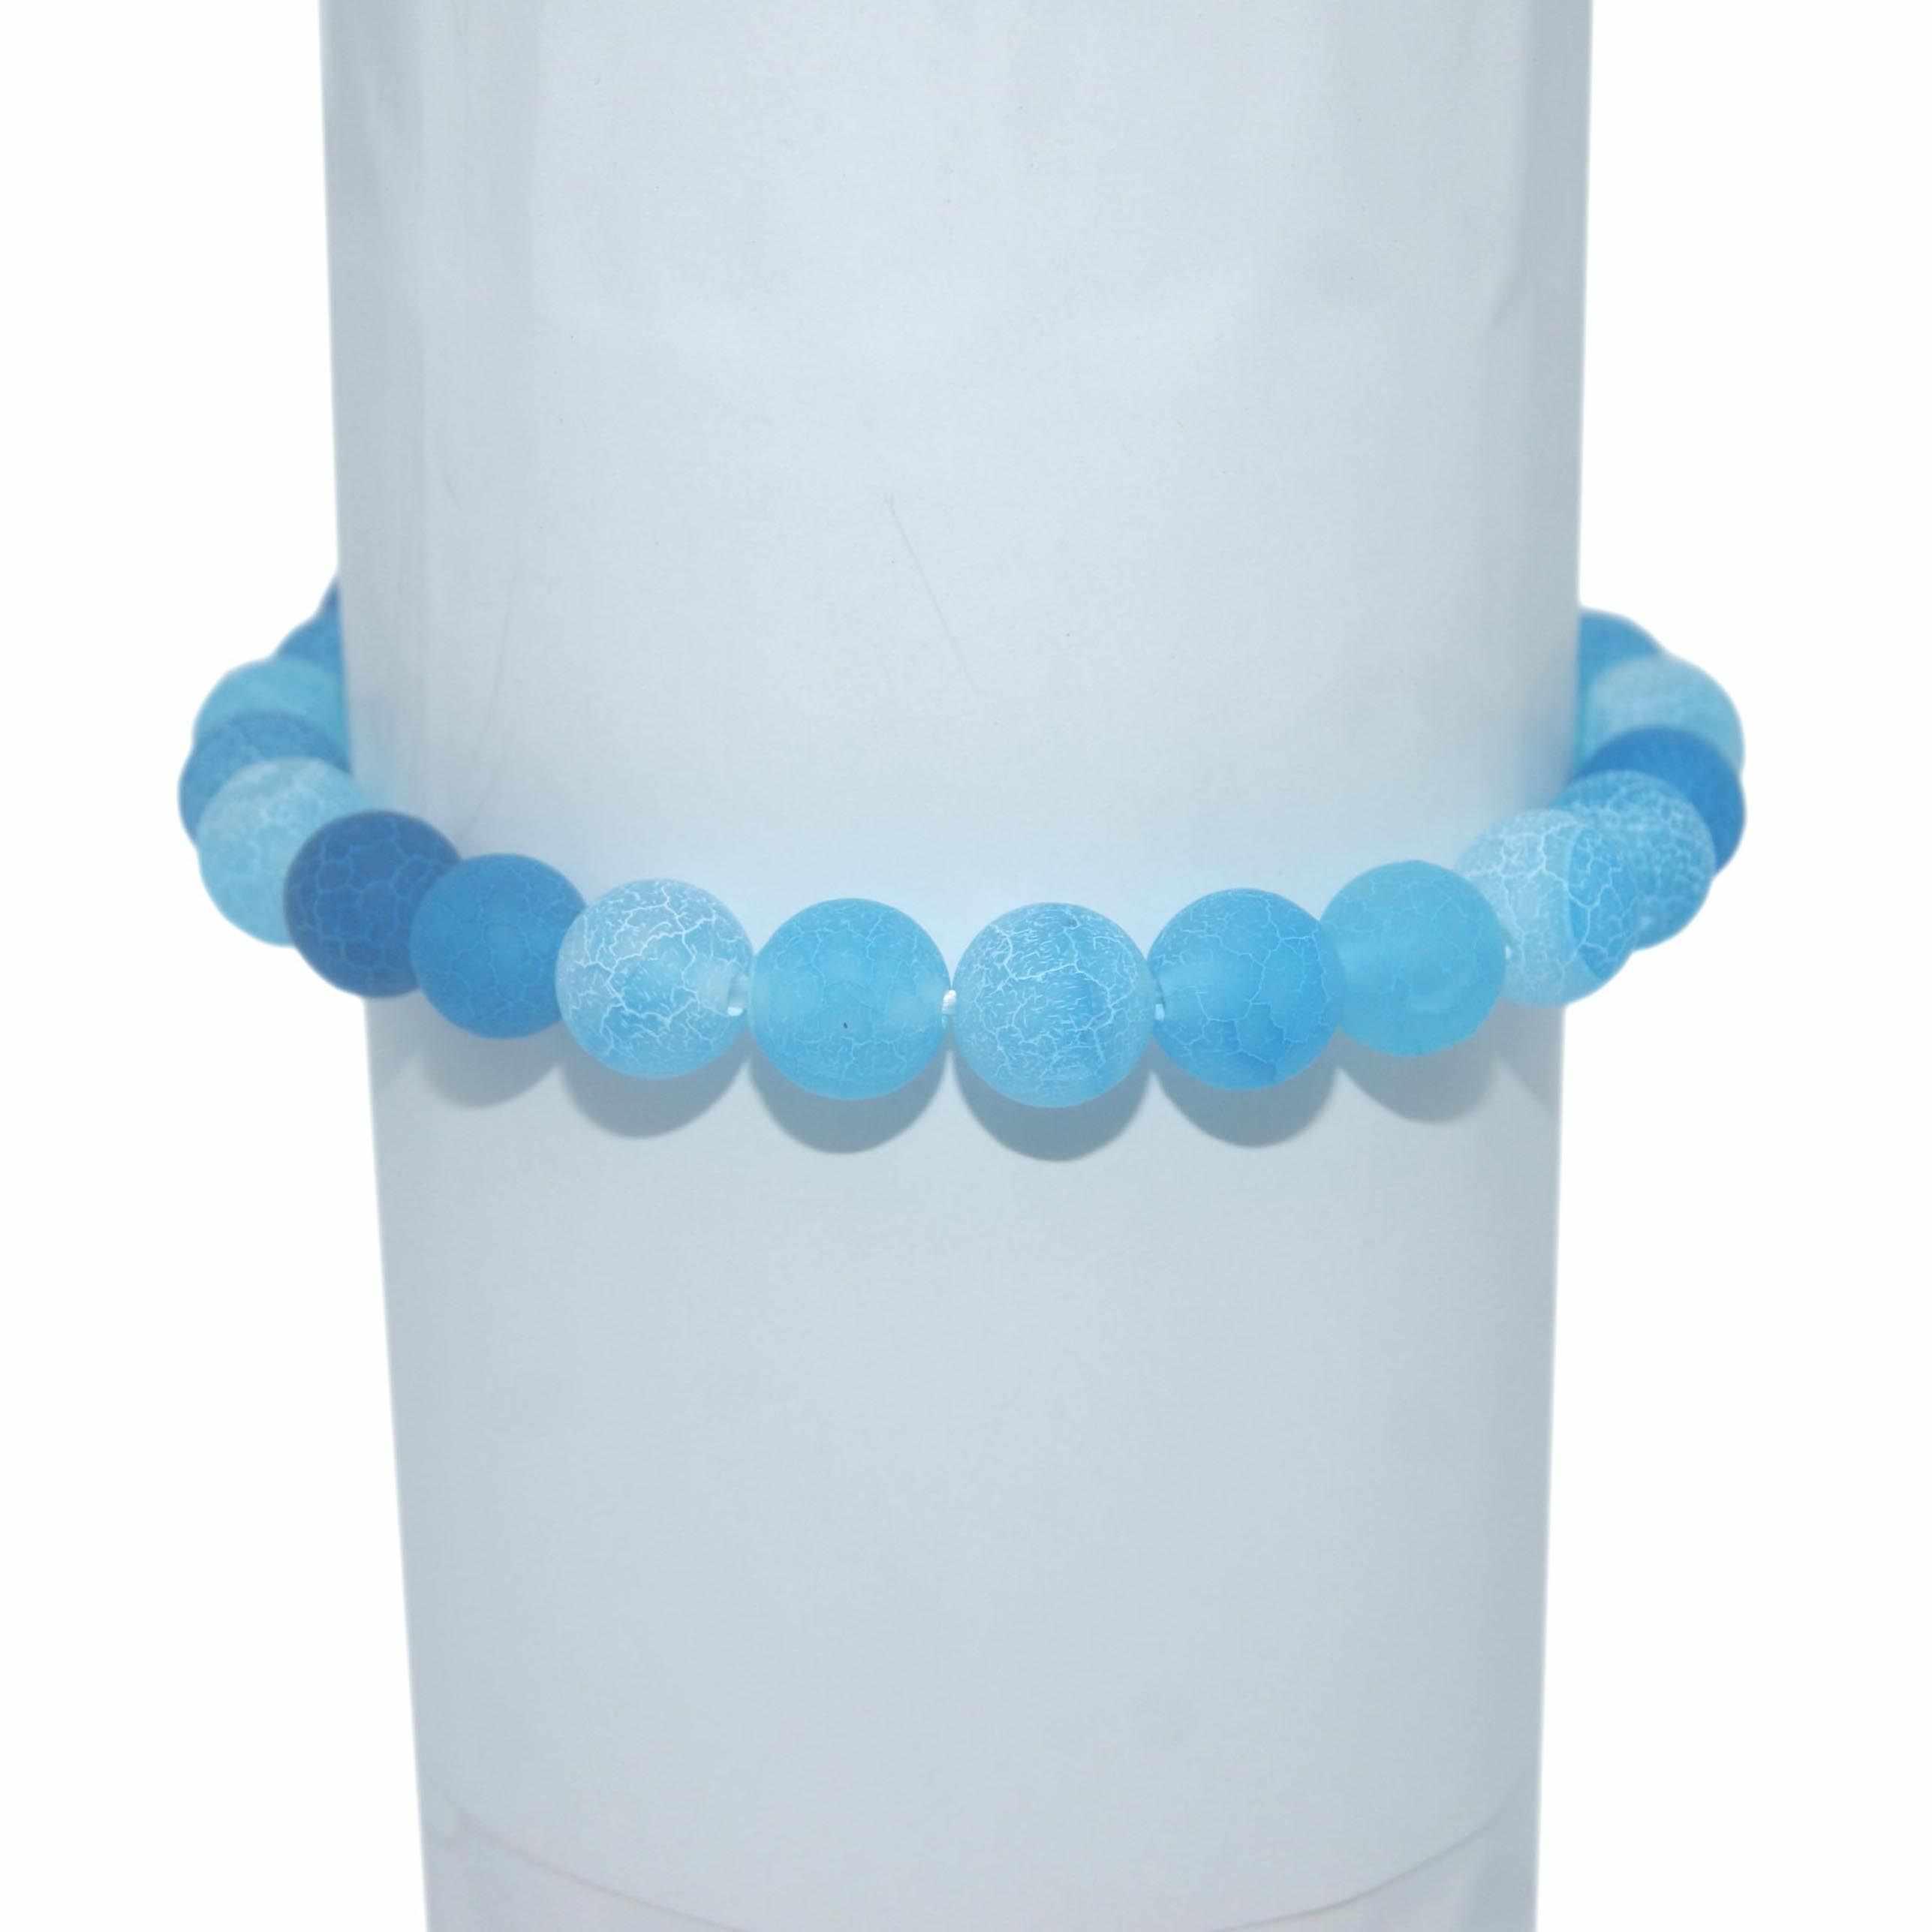 Hurtownie 6 8 10 MM koraliki z kamienia naturalnego agaty tygrysie oko kryształ Jades pary bransoletki dla kobiet mężczyzn bransoletka joga Femme